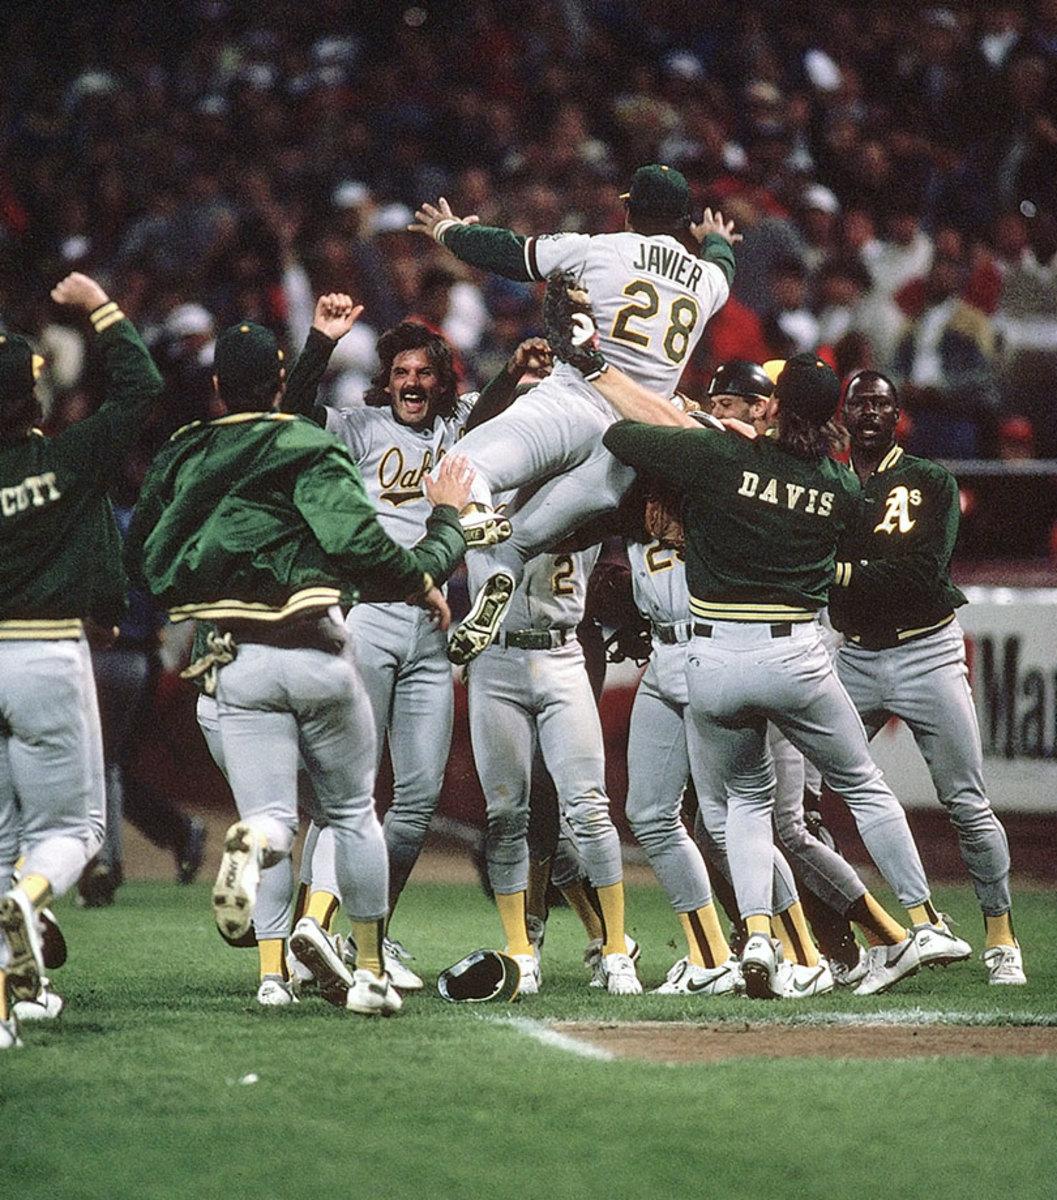 1989-1028-Oakland-Athletics-Dennis-Eckersley-001312574.jpg